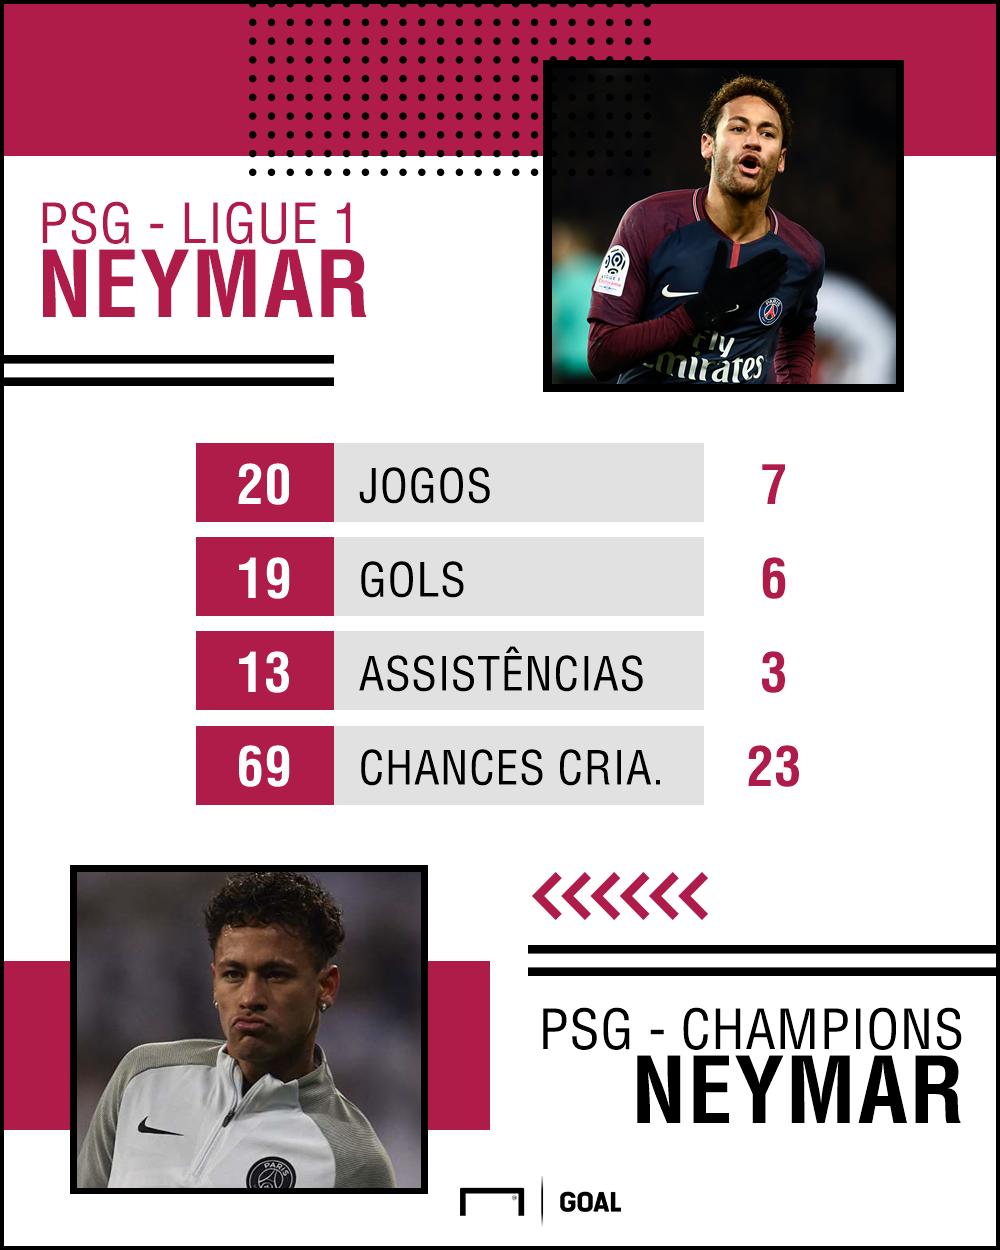 GFX Neymar PSG Champions League Ligue 1 2017/18